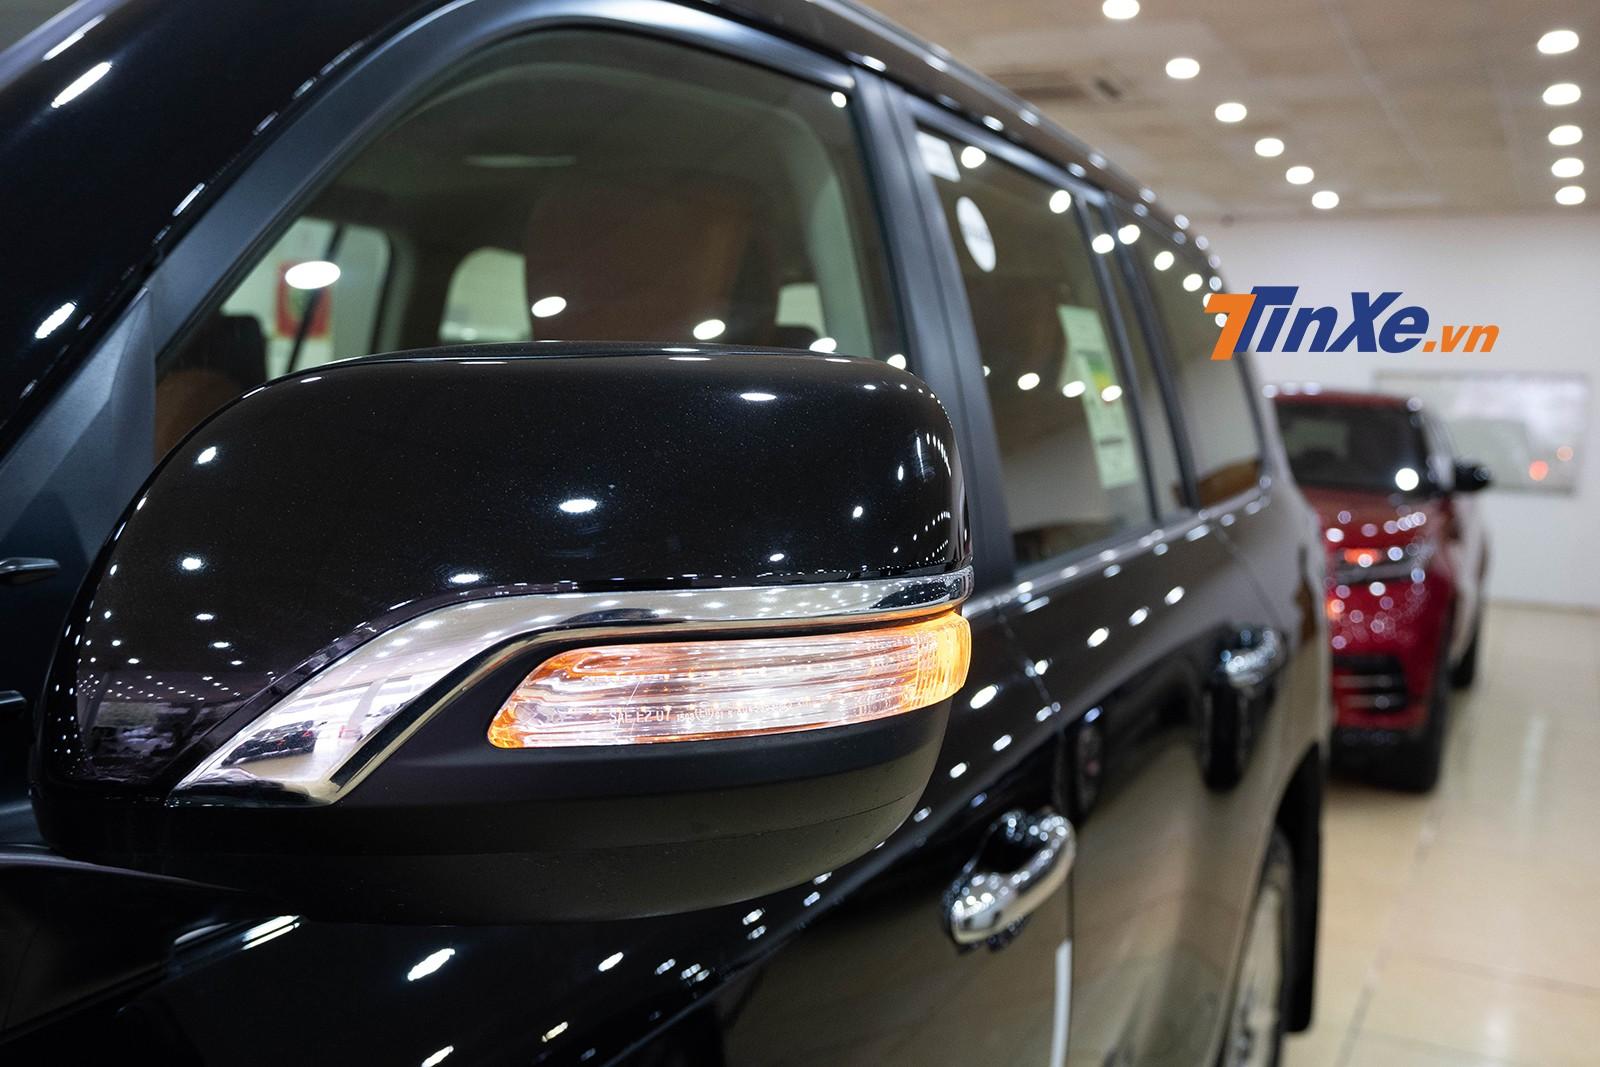 Gương chiếu hậu chỉnh, gập điện cùng màu thân xe có đường gờ mạ crôm trang trí vuốt khá mềm mại và ngoài ra, xi-nhan báo rẽ cũng được tích hợp nhưng có thiết kế khá độc đáo